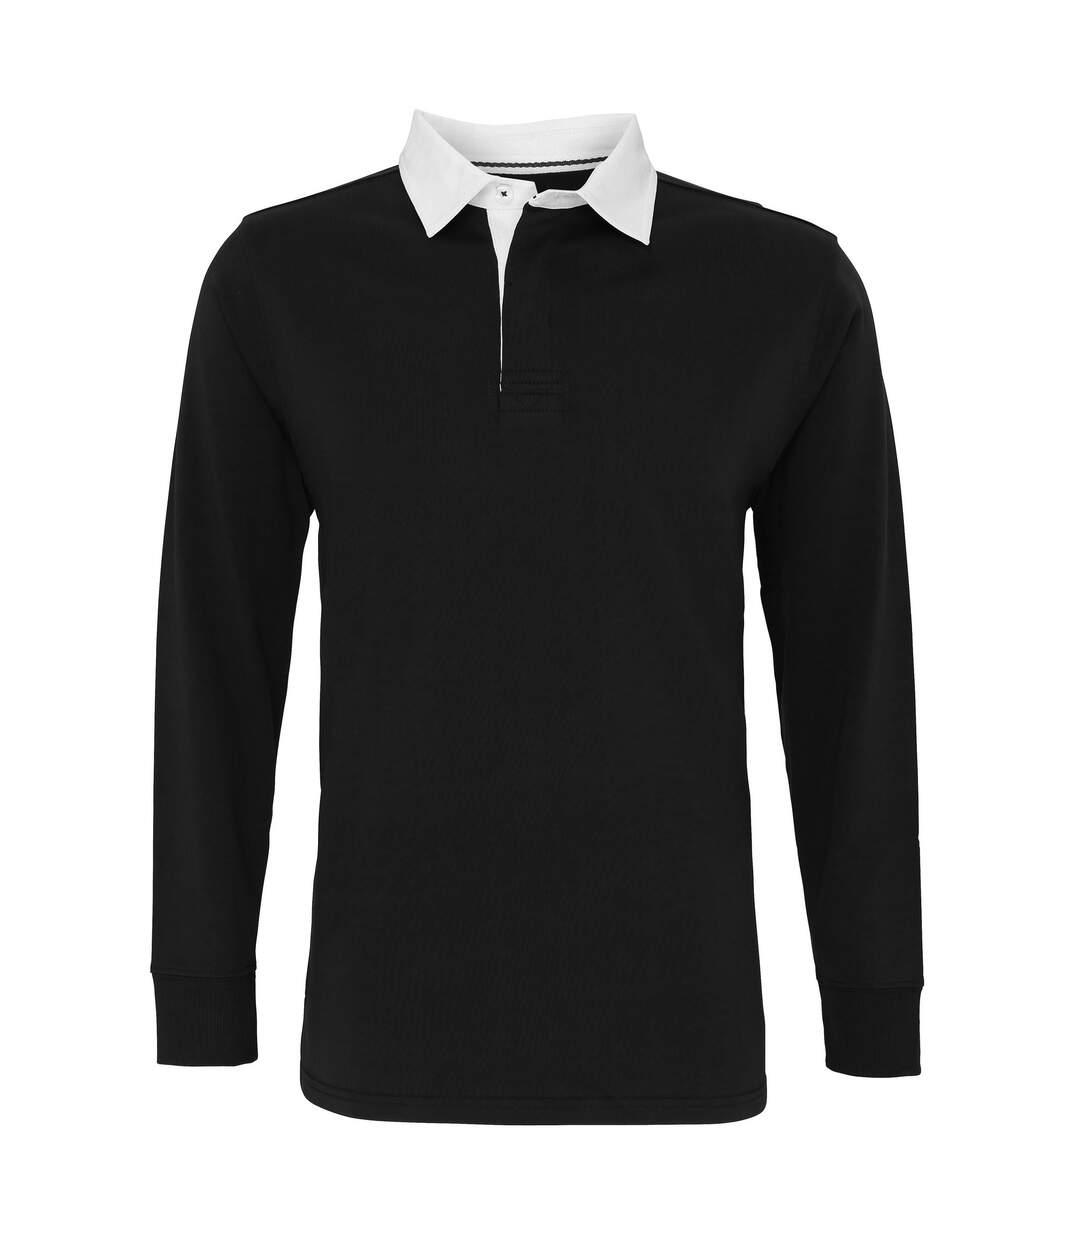 Asquith & Fox - Polo De Rugby Classique À Manches Longues - Homme (Noir) - UTRW3914